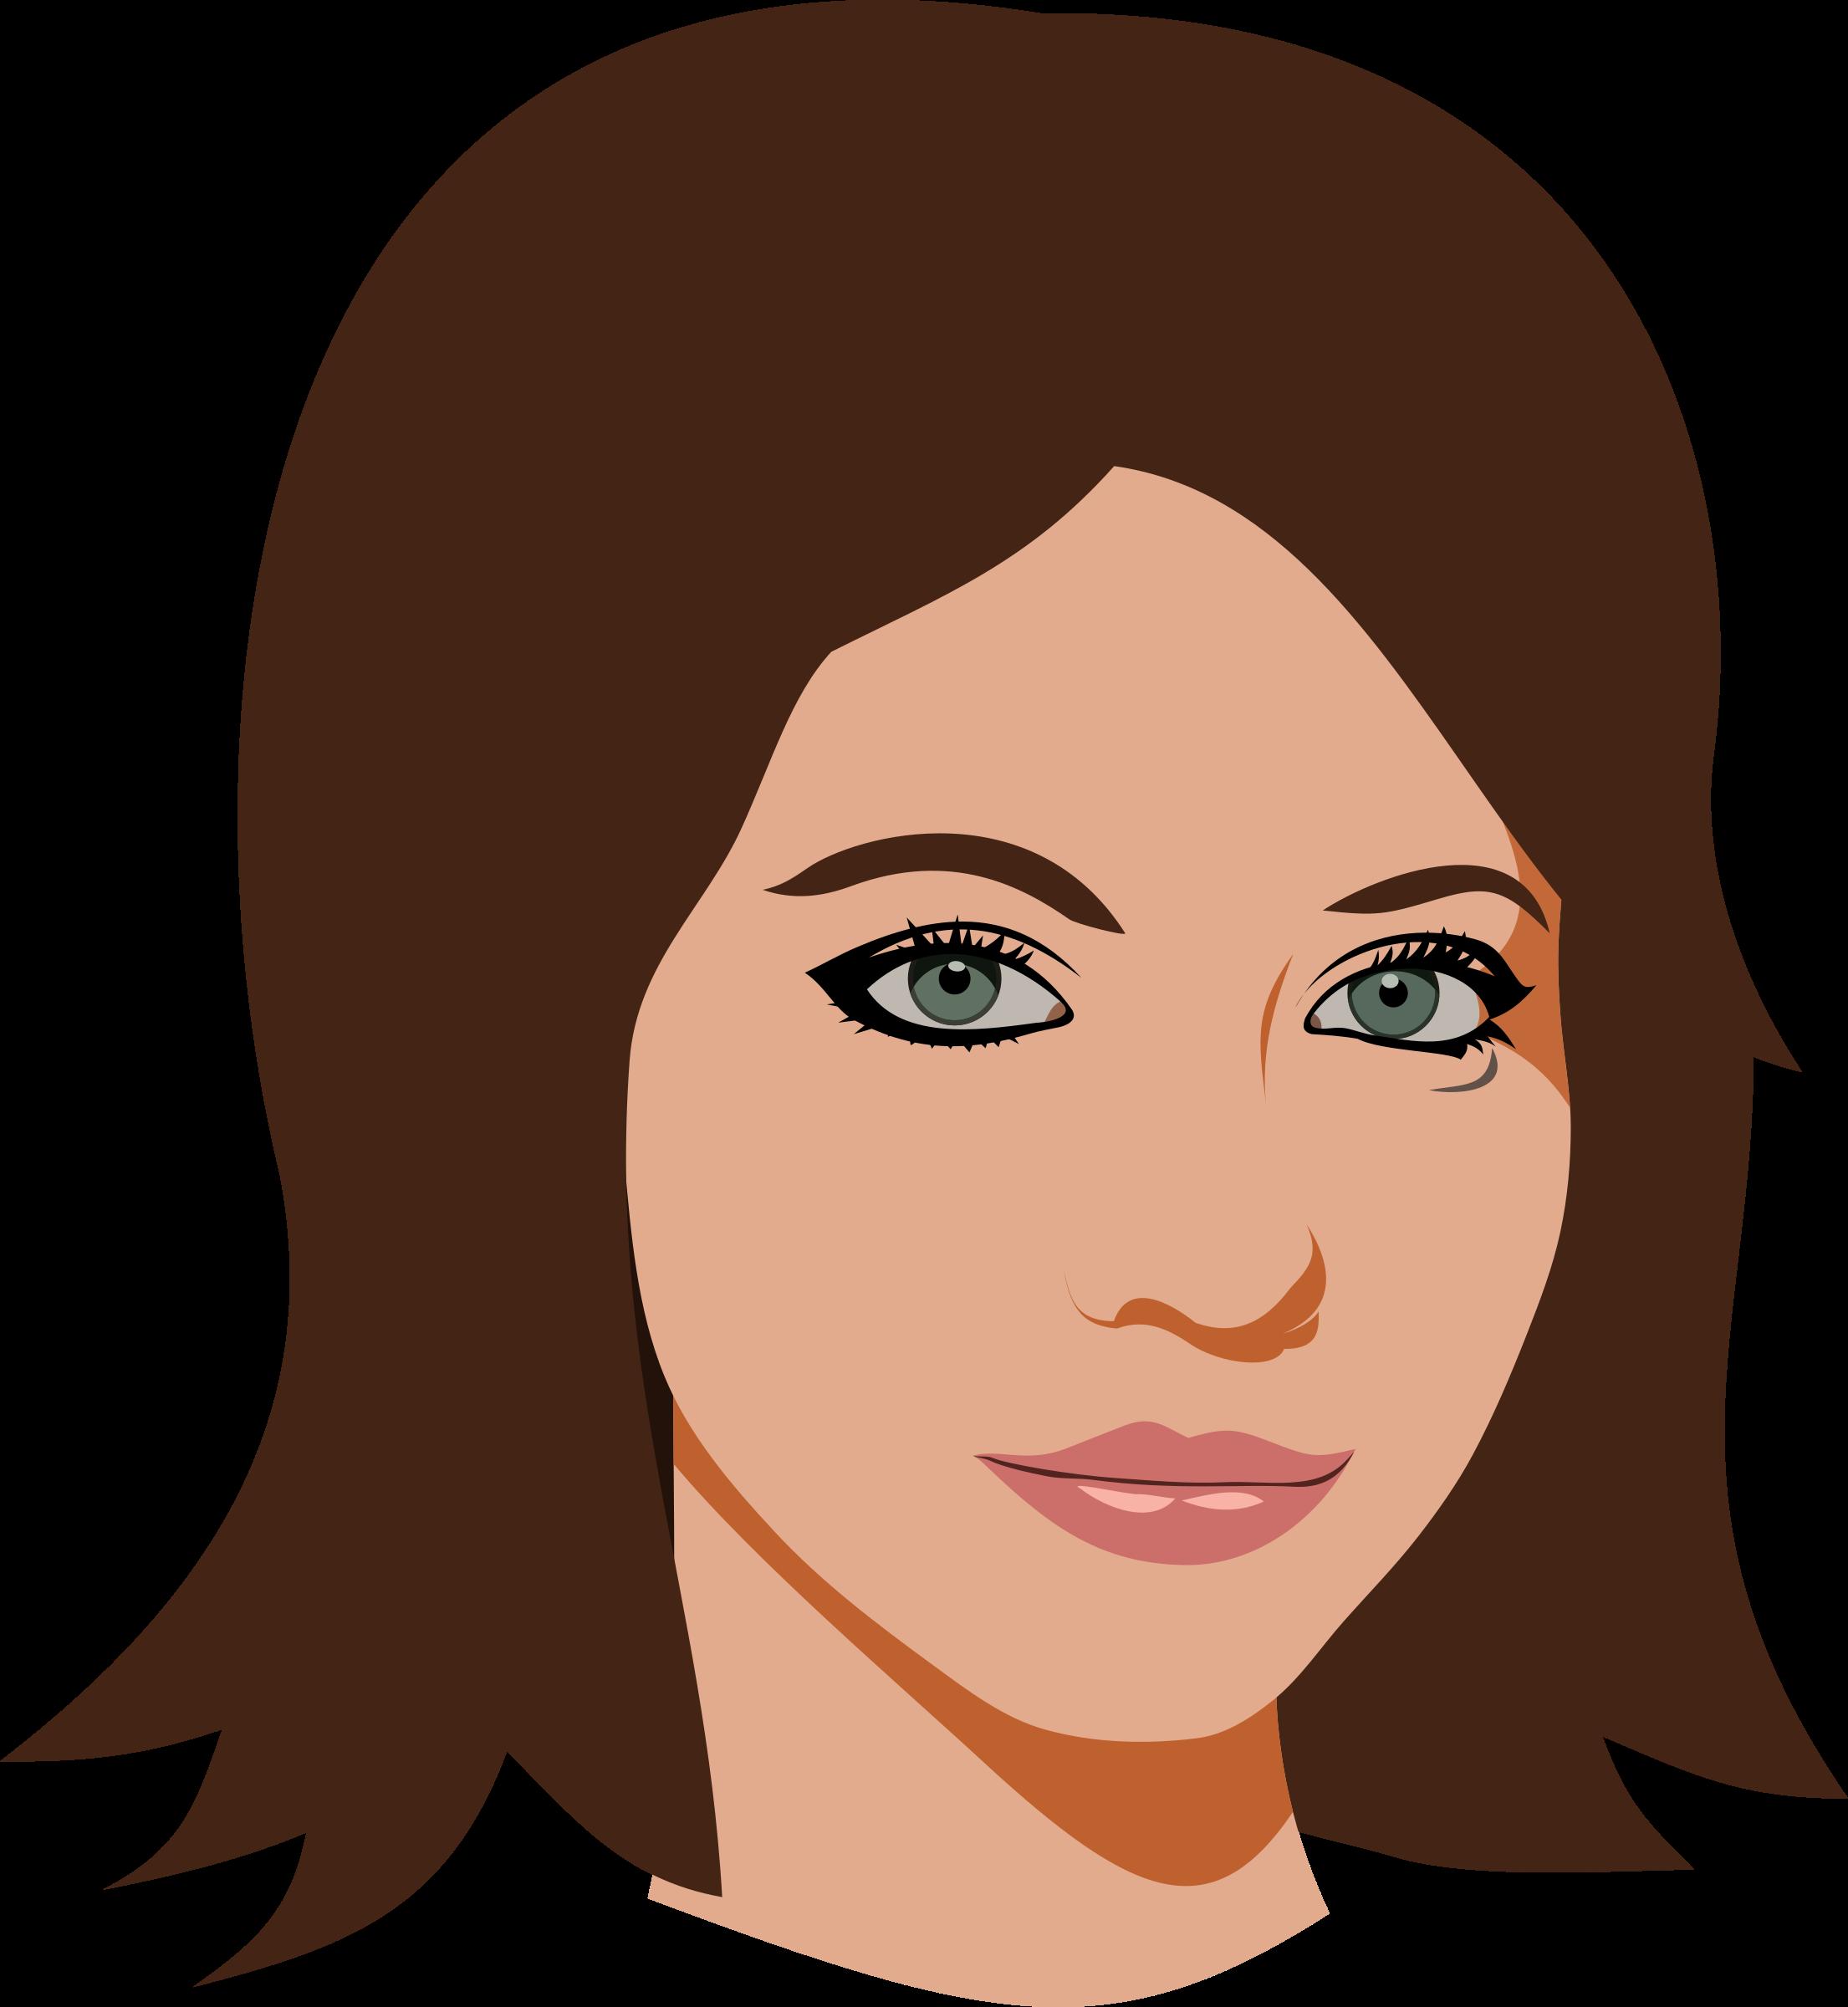 cartoon woman face - HD2210×2400